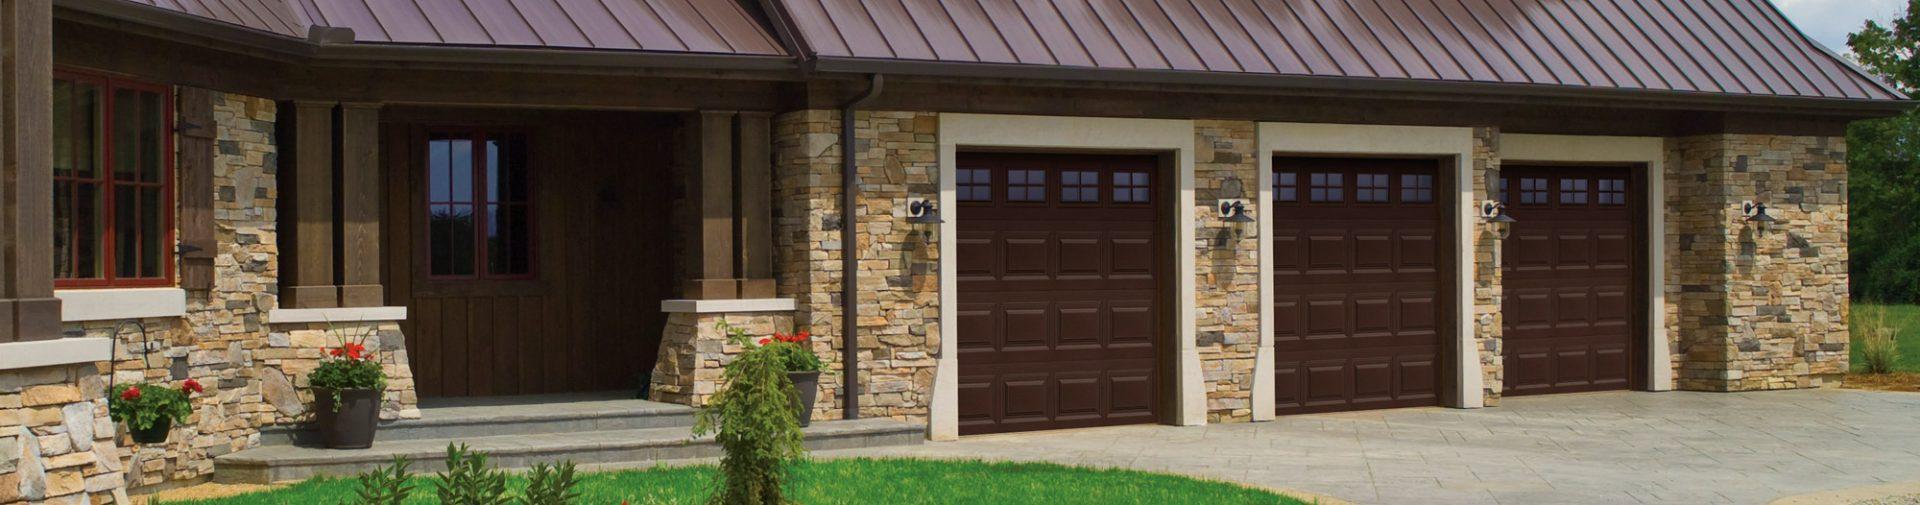 Garage door opener repair ae door window cincinnati oh for Garage doors cincinnati